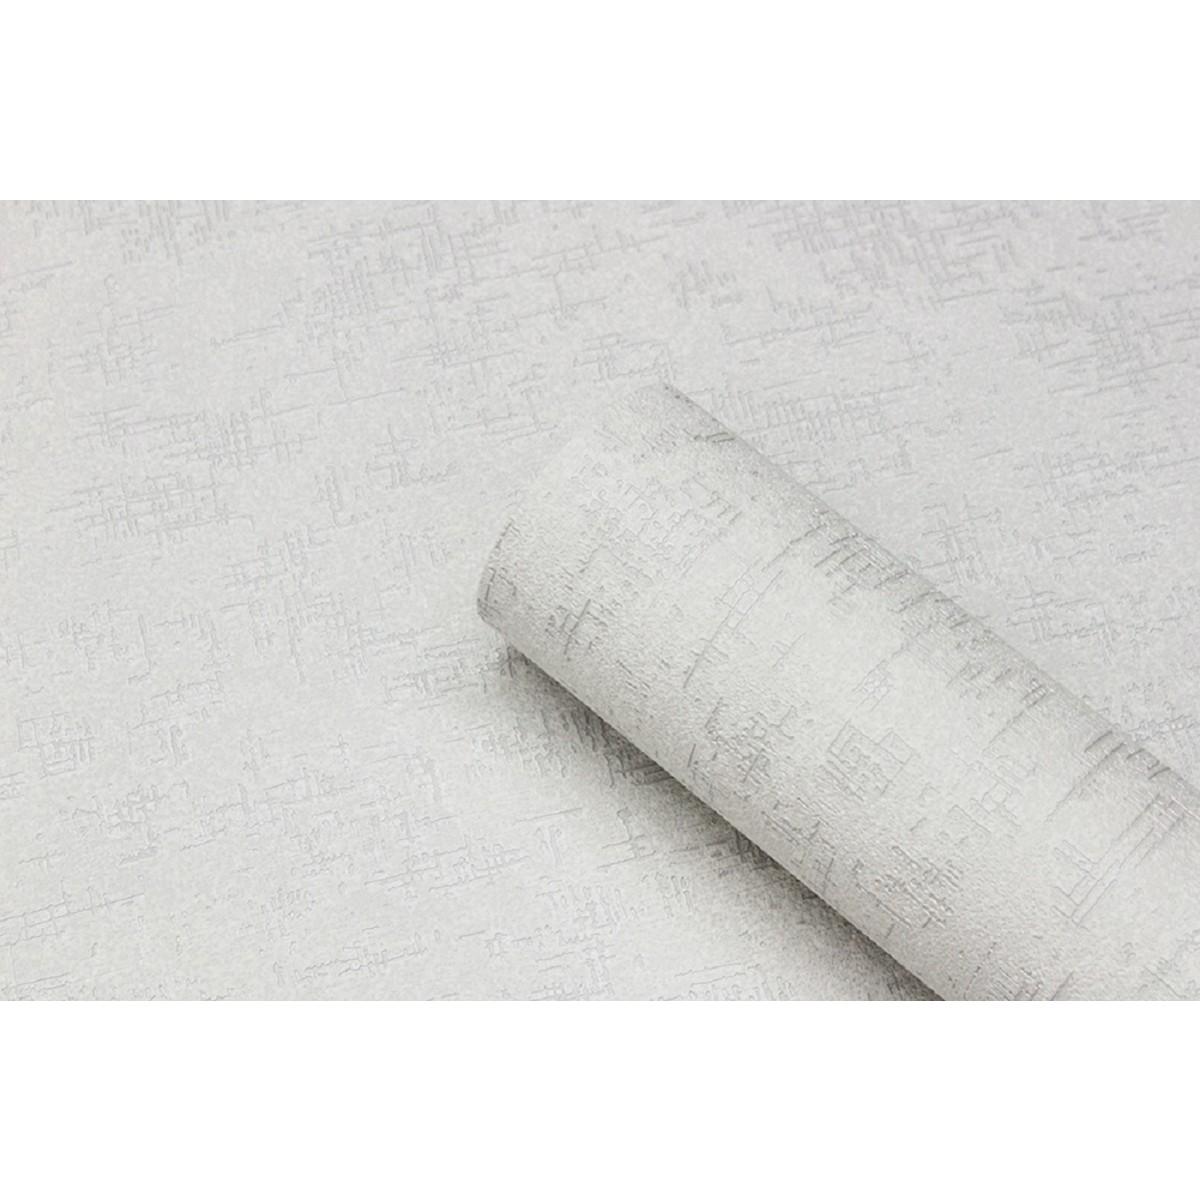 Обои флизелиновые Erismann Benefit 60012-04 Х 6 серые